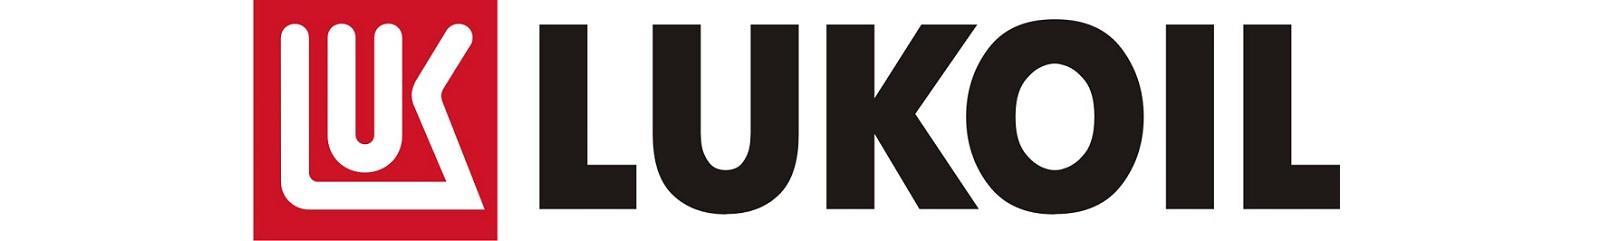 lukoil-logo